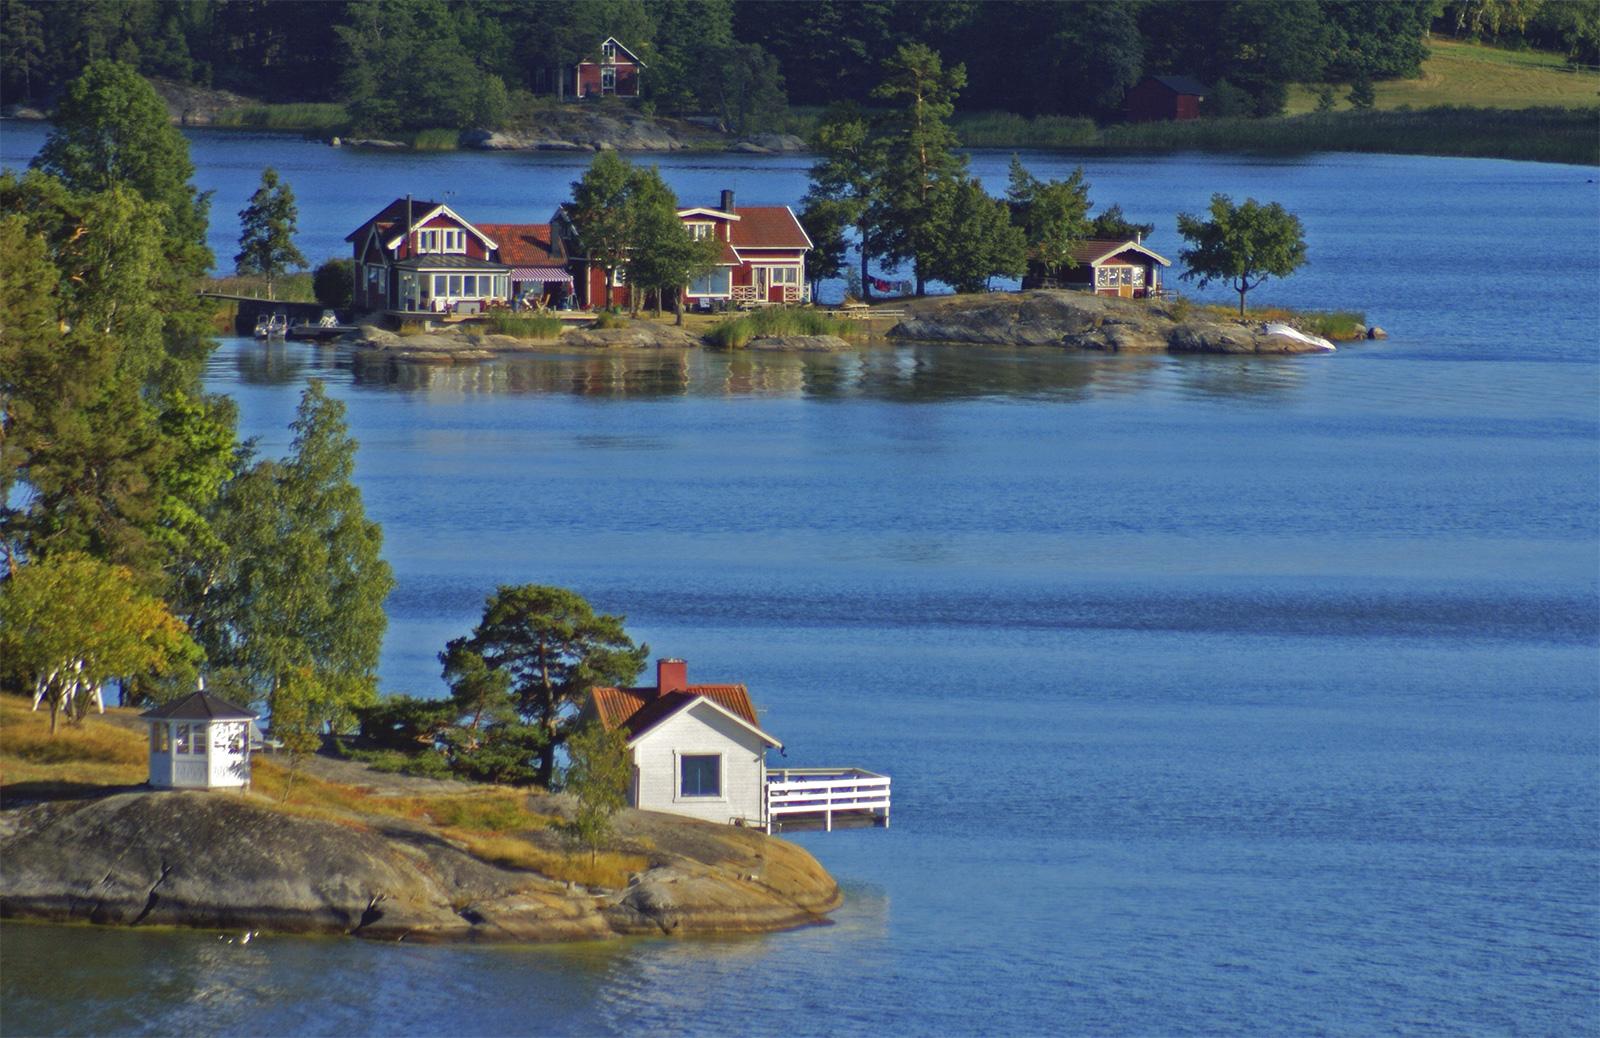 Billige Mobler I Sverige # Fmlex Com> Beste Design Inspirasjon For Hjemmerom Arrangement